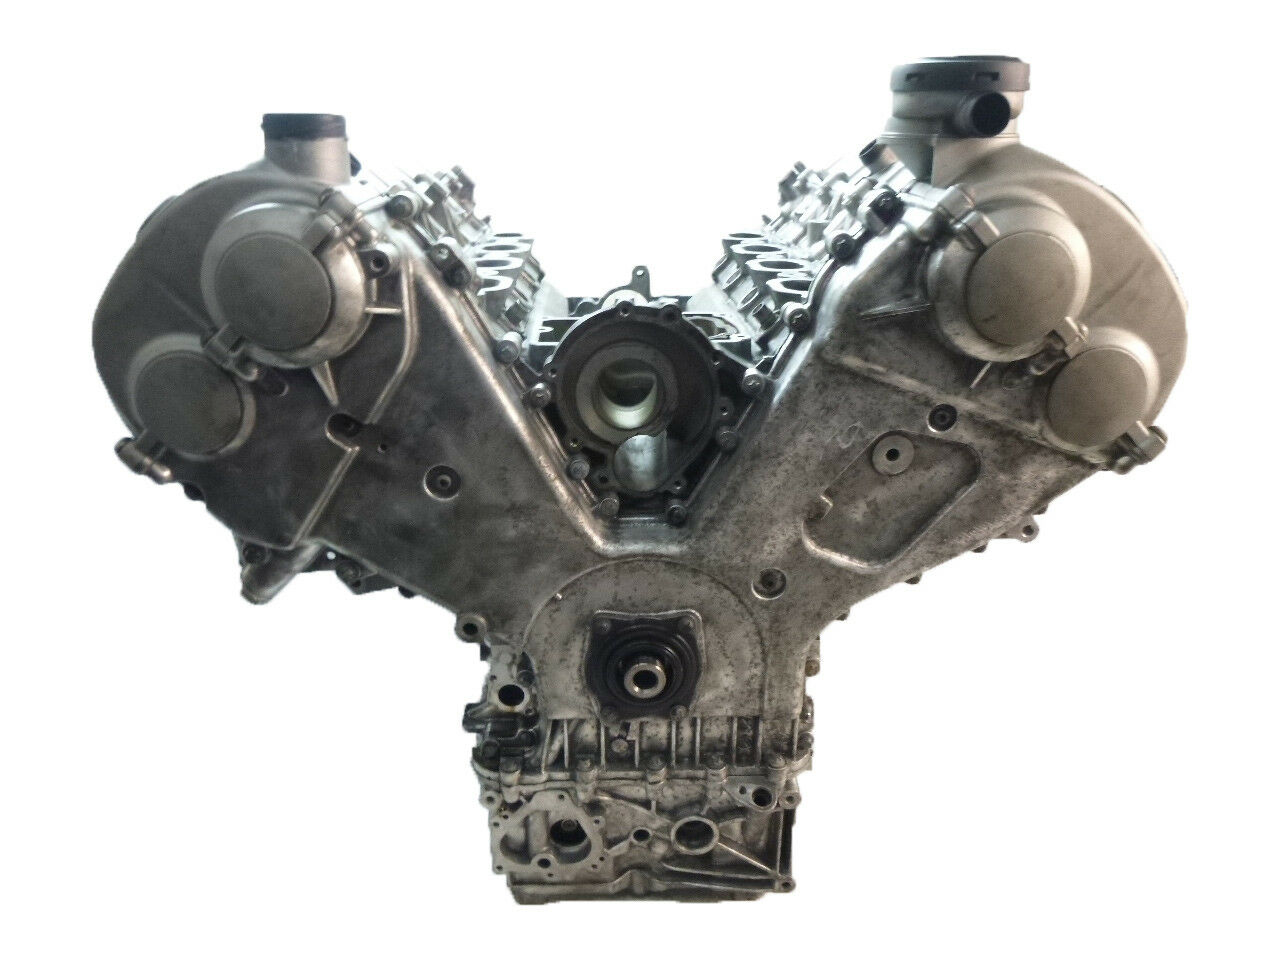 Moteur De Révision De Réparation De Réparation Porsche Cayenne 4,5 Turbo M48.50 48.50